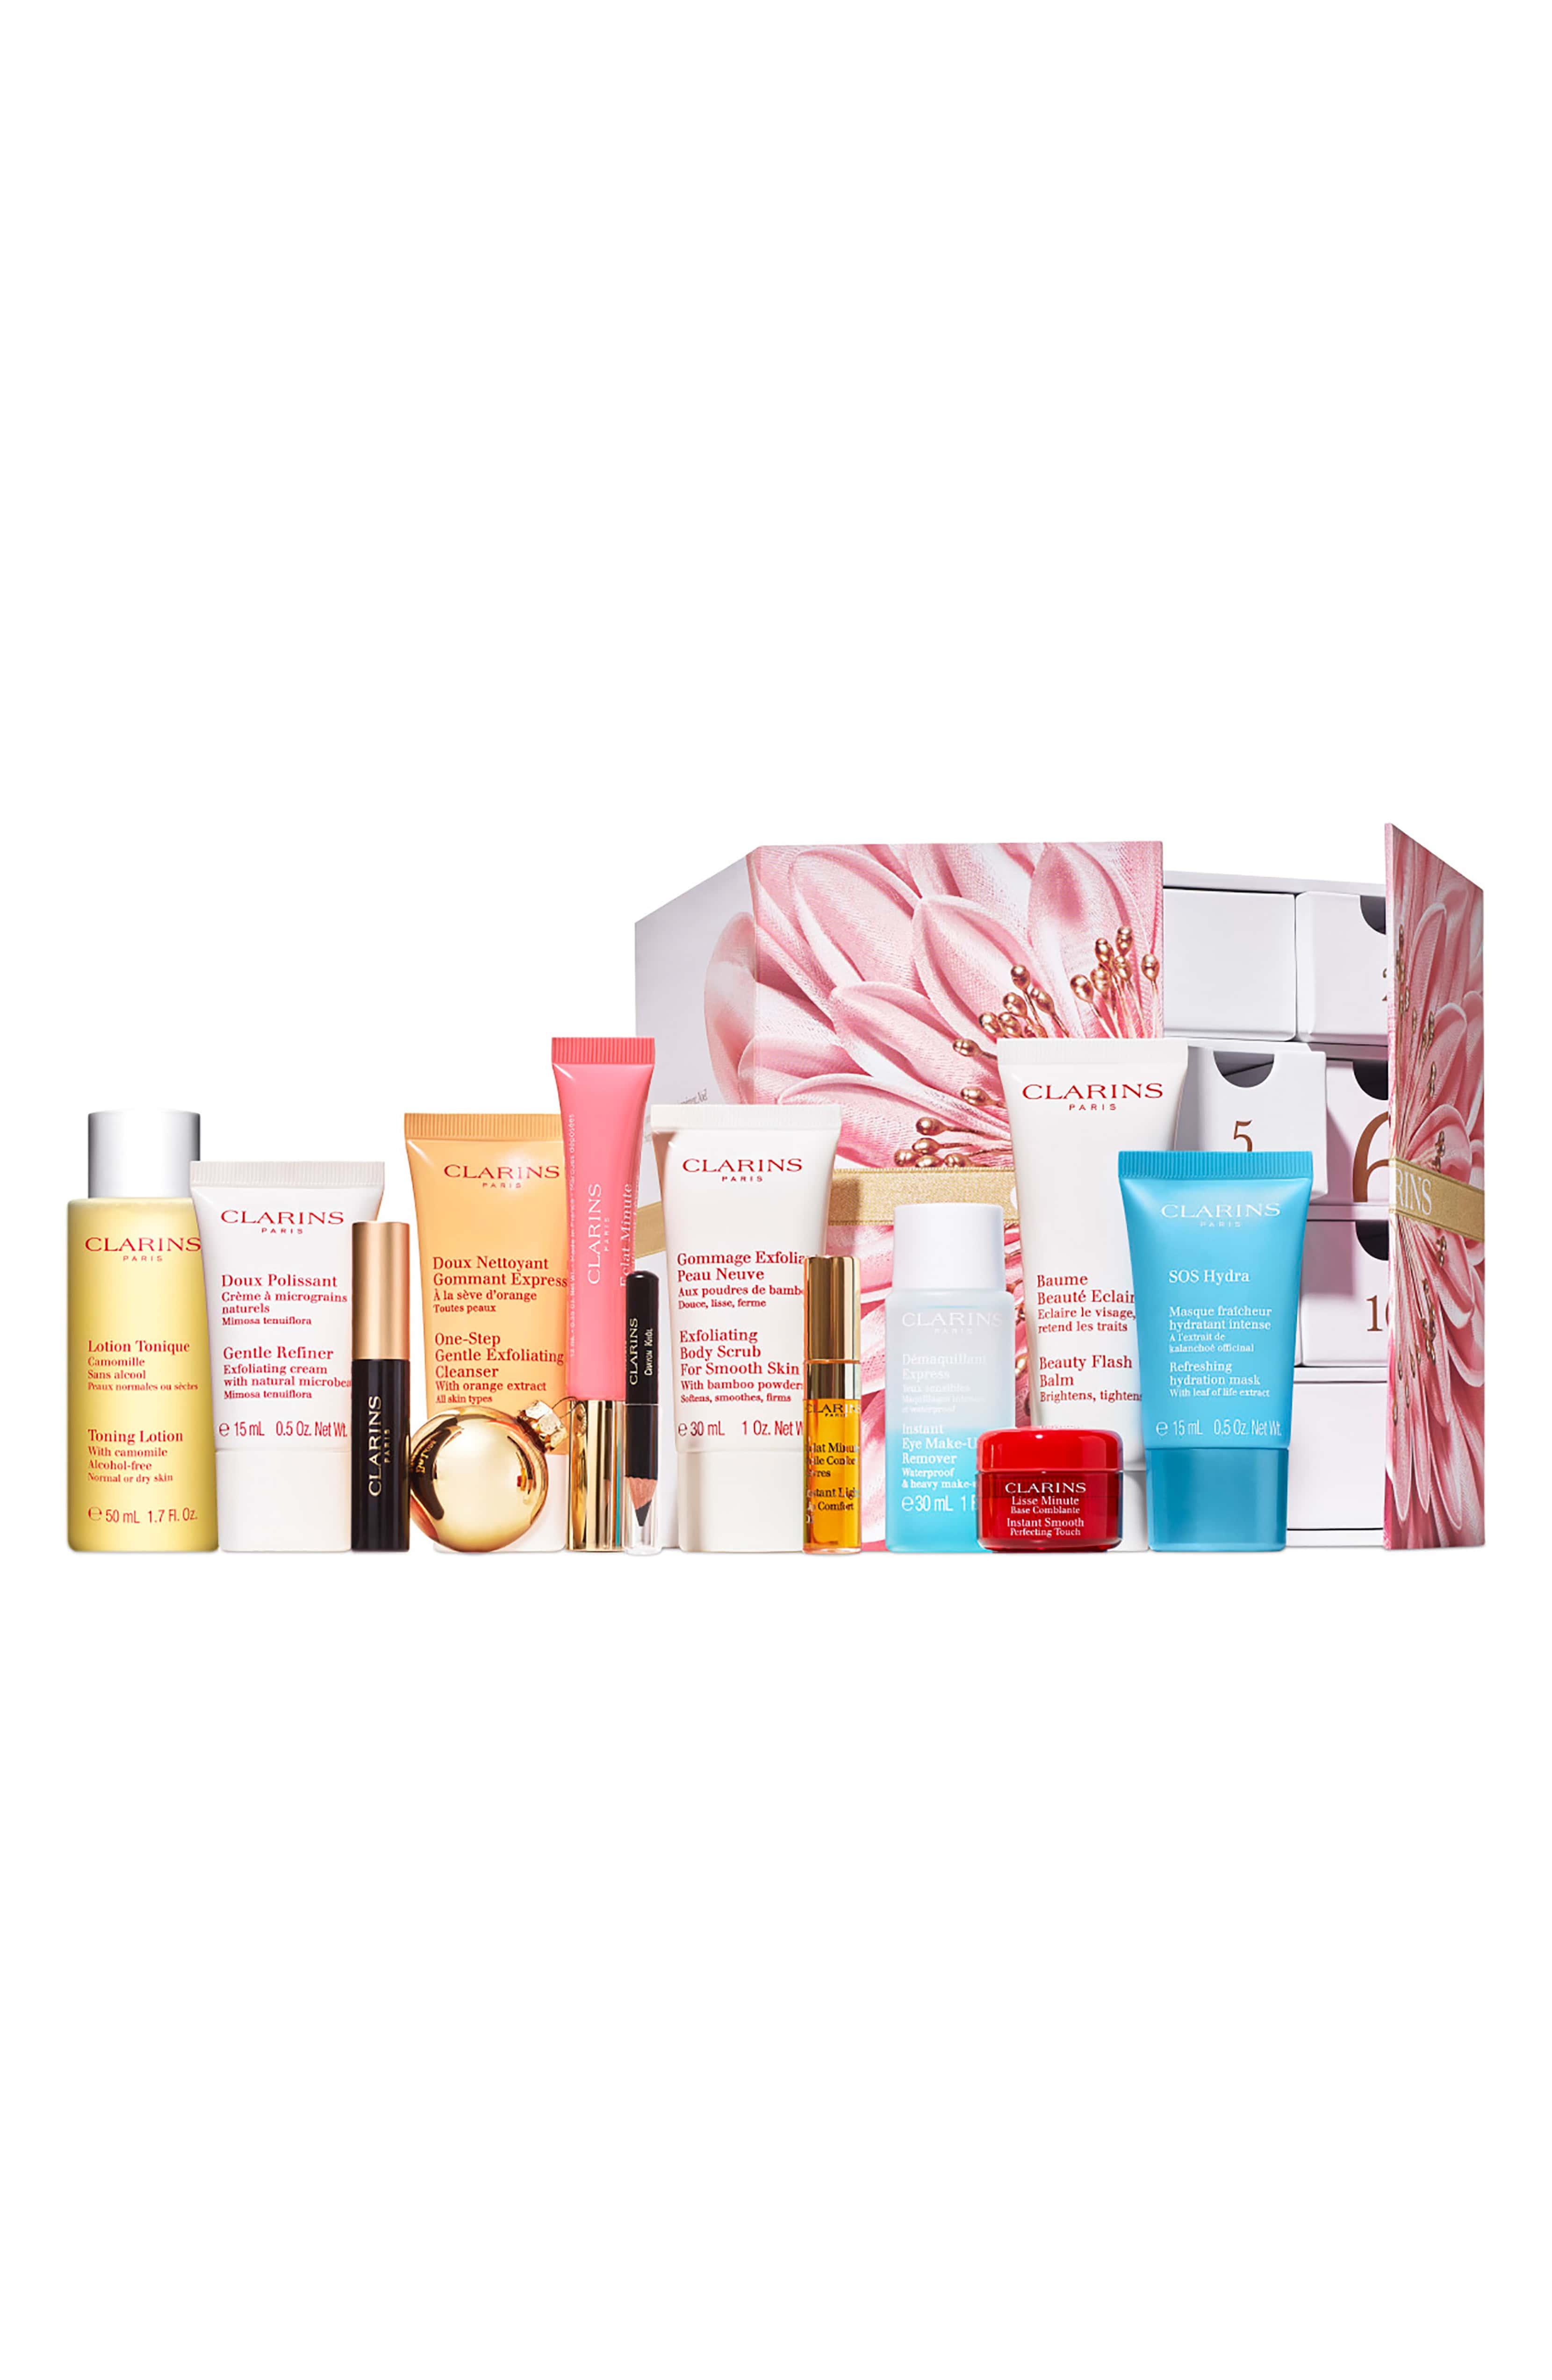 Calendarios, belleza, productos de belleza